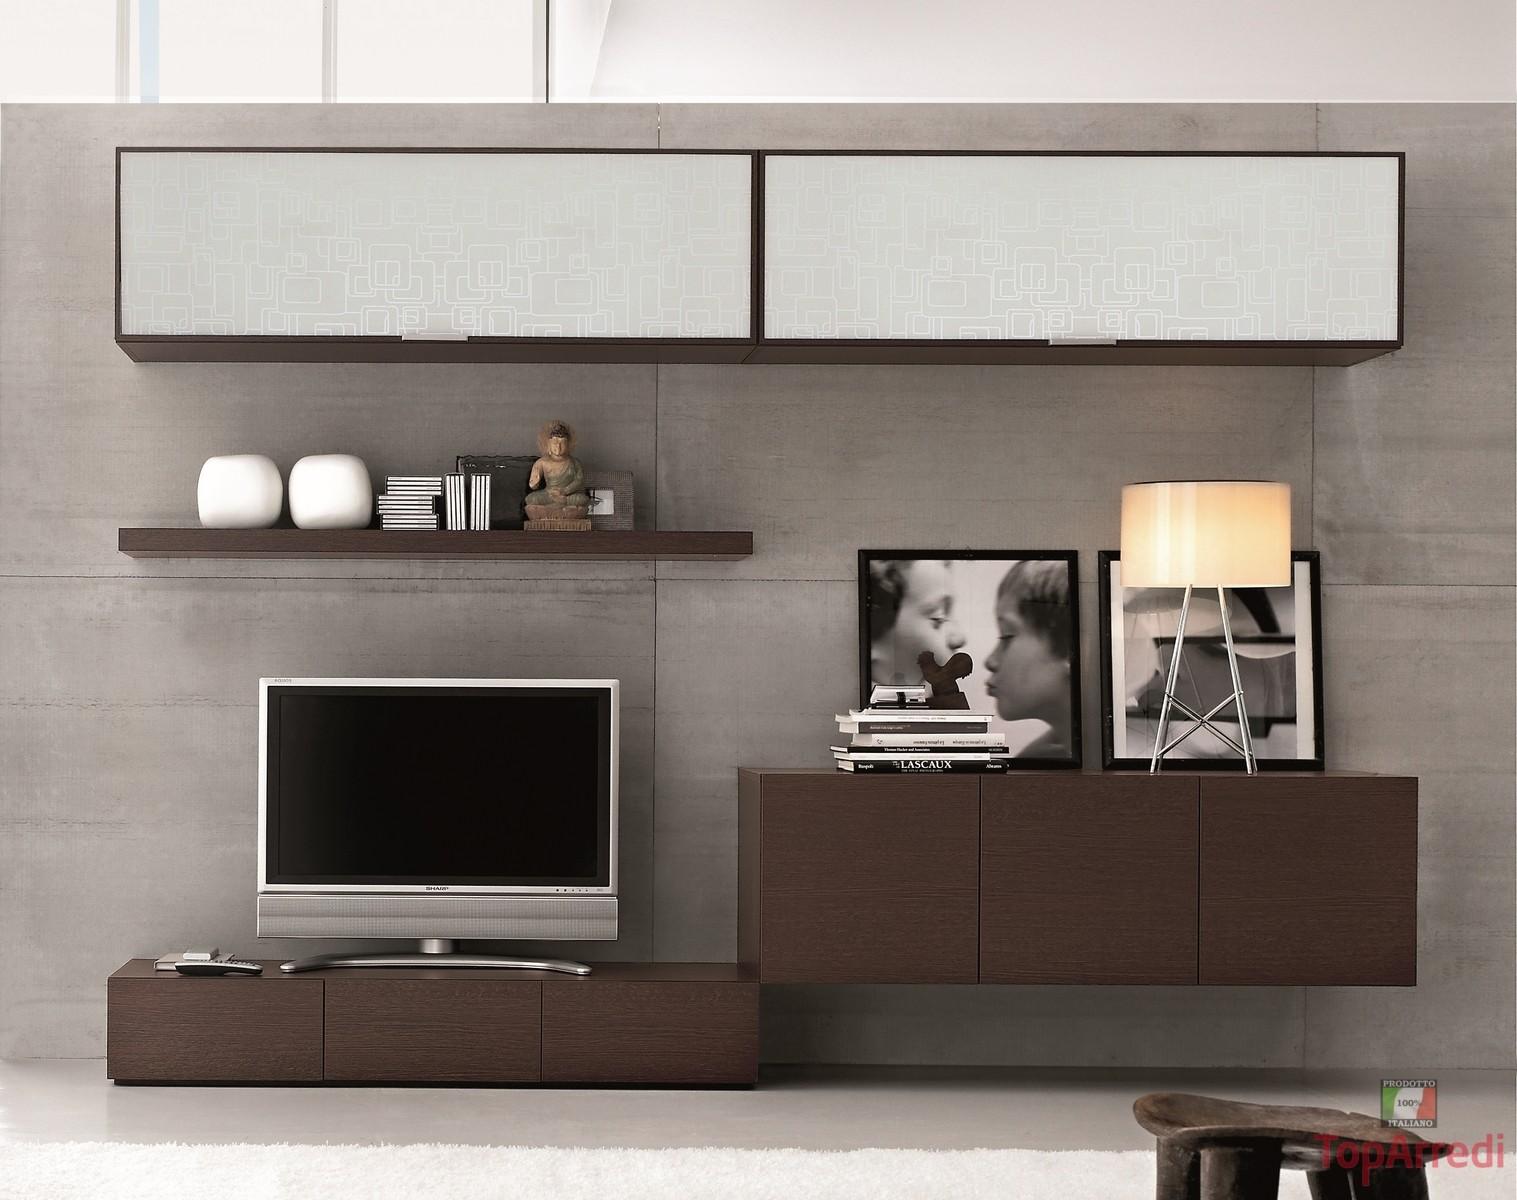 Arredamento e mobili online: giugno 2012